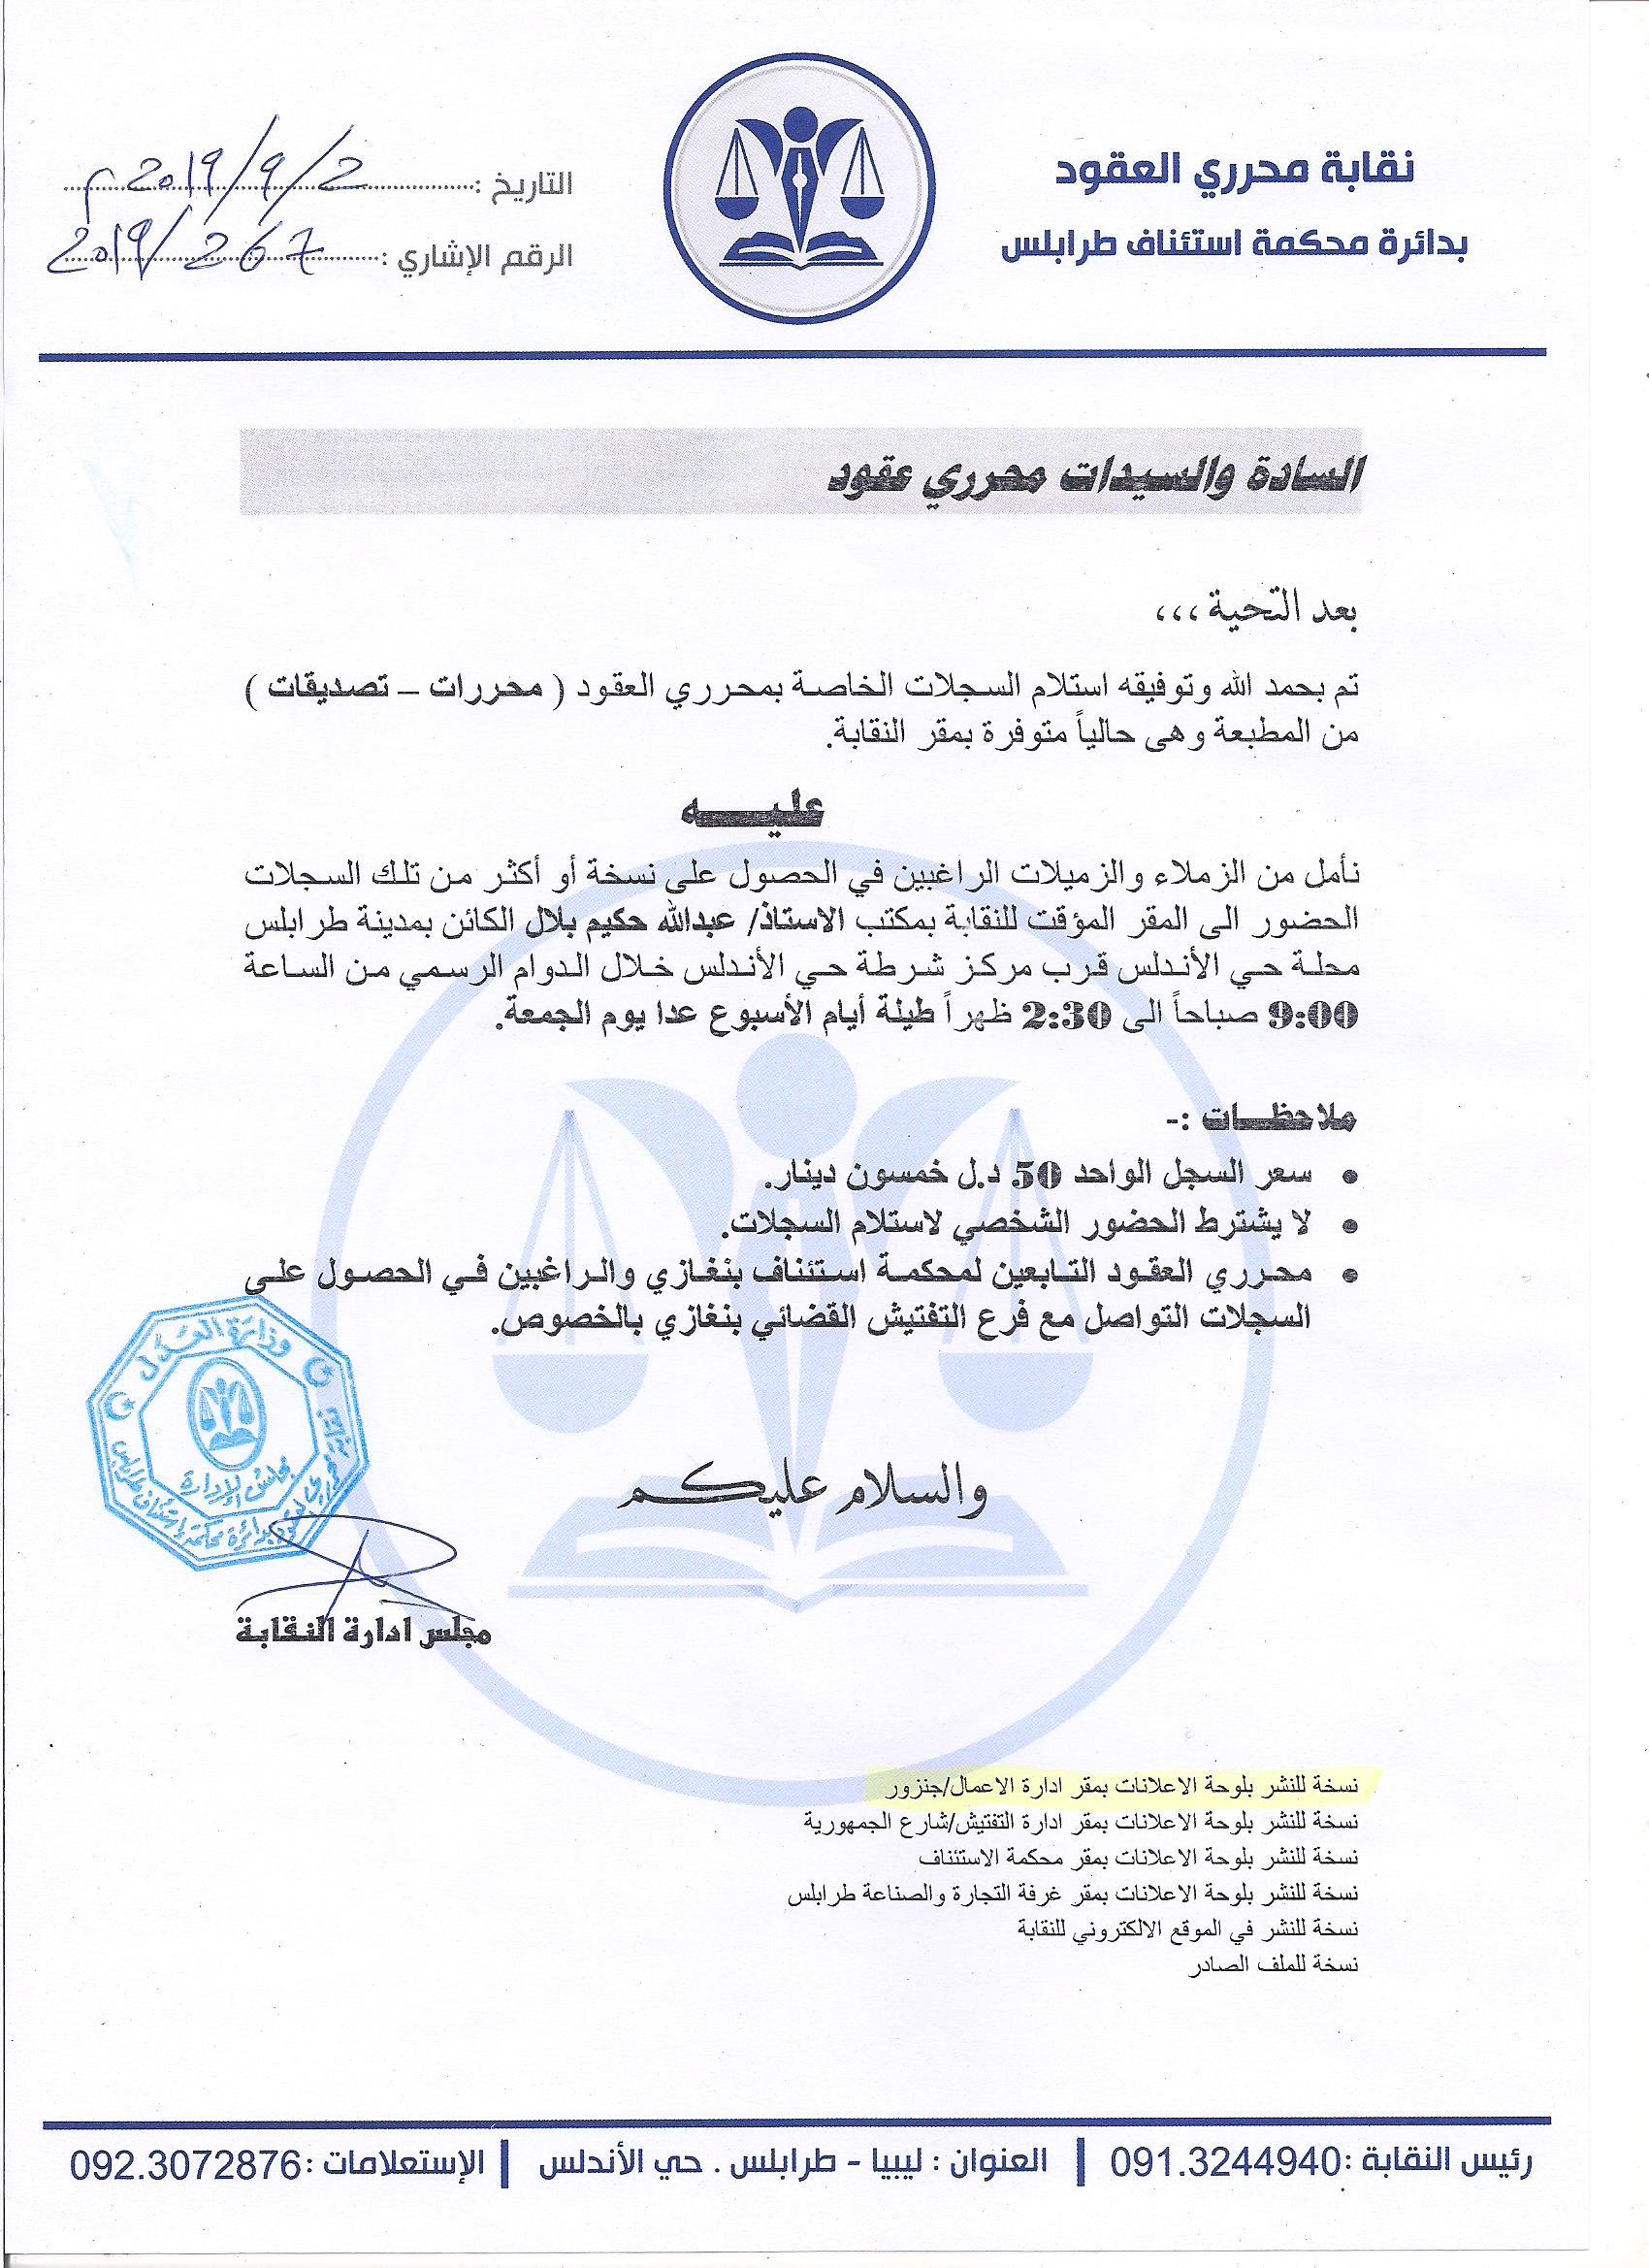 اعــــــــــــــــــــــلان بتاريخ 2/9/2019 م